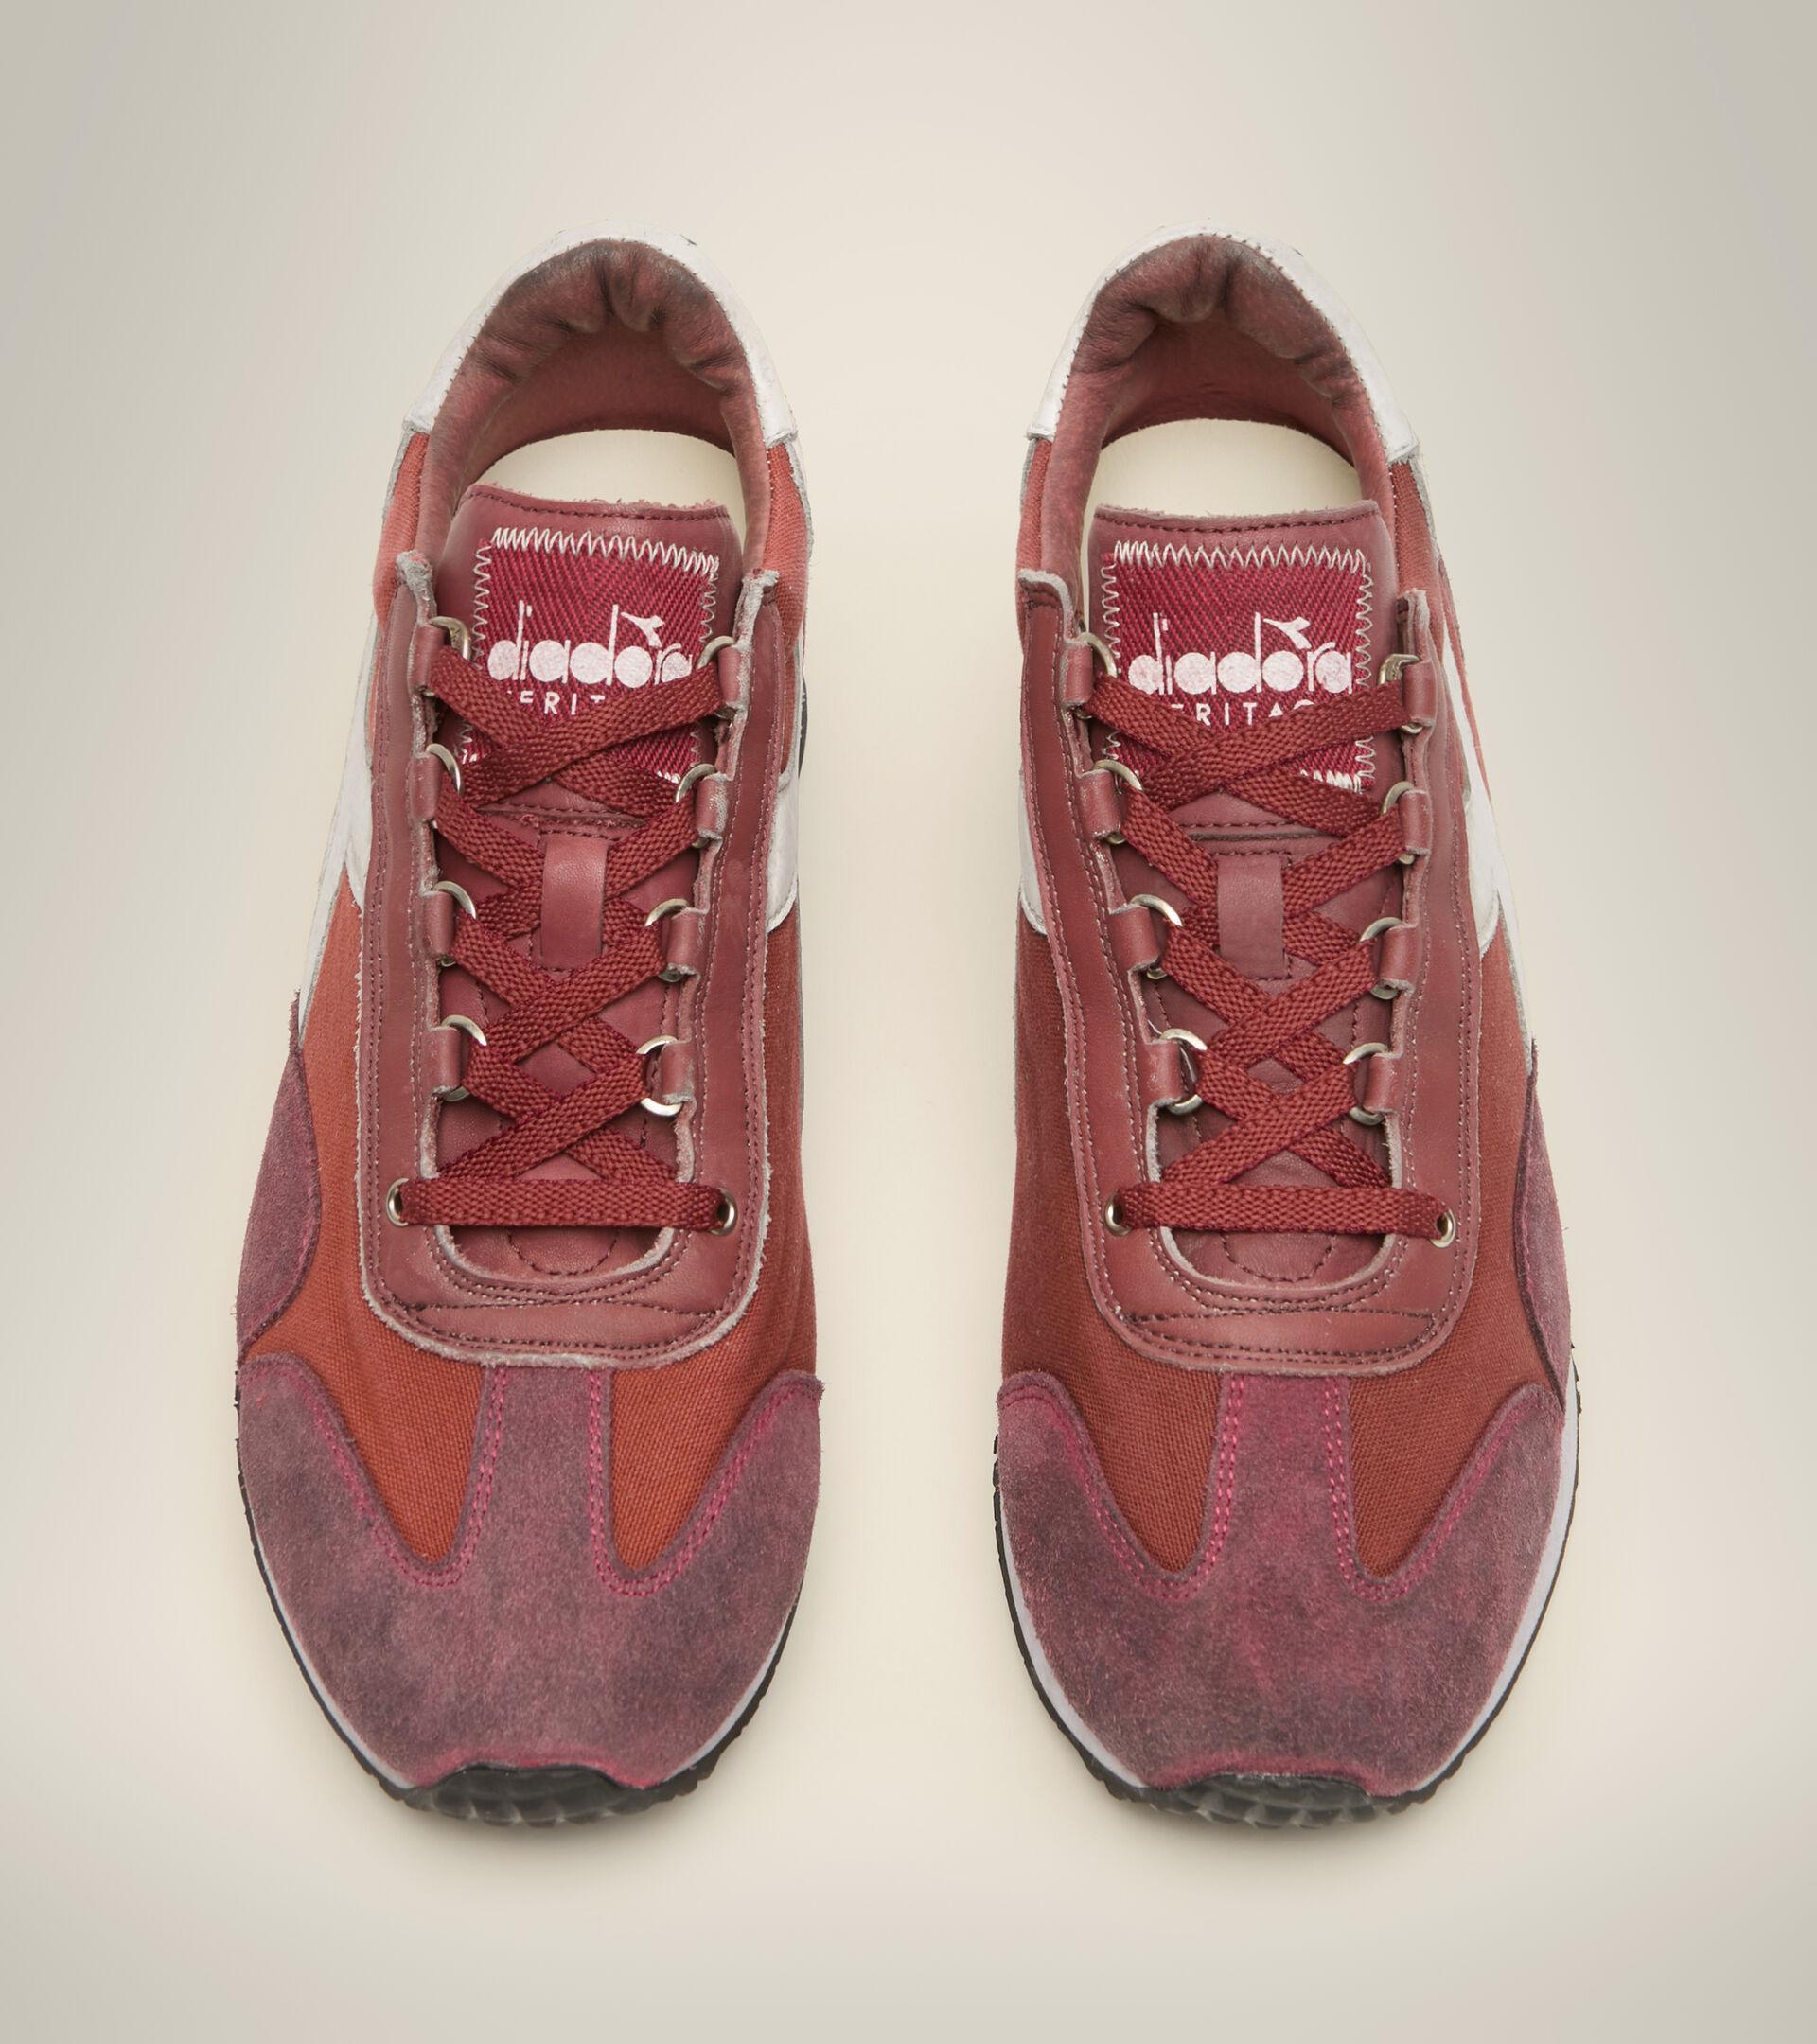 Heritage-Schuh - Unisex EQUIPE H DIRTY STONE WASH EVO VERBRANNT HENNA - Diadora